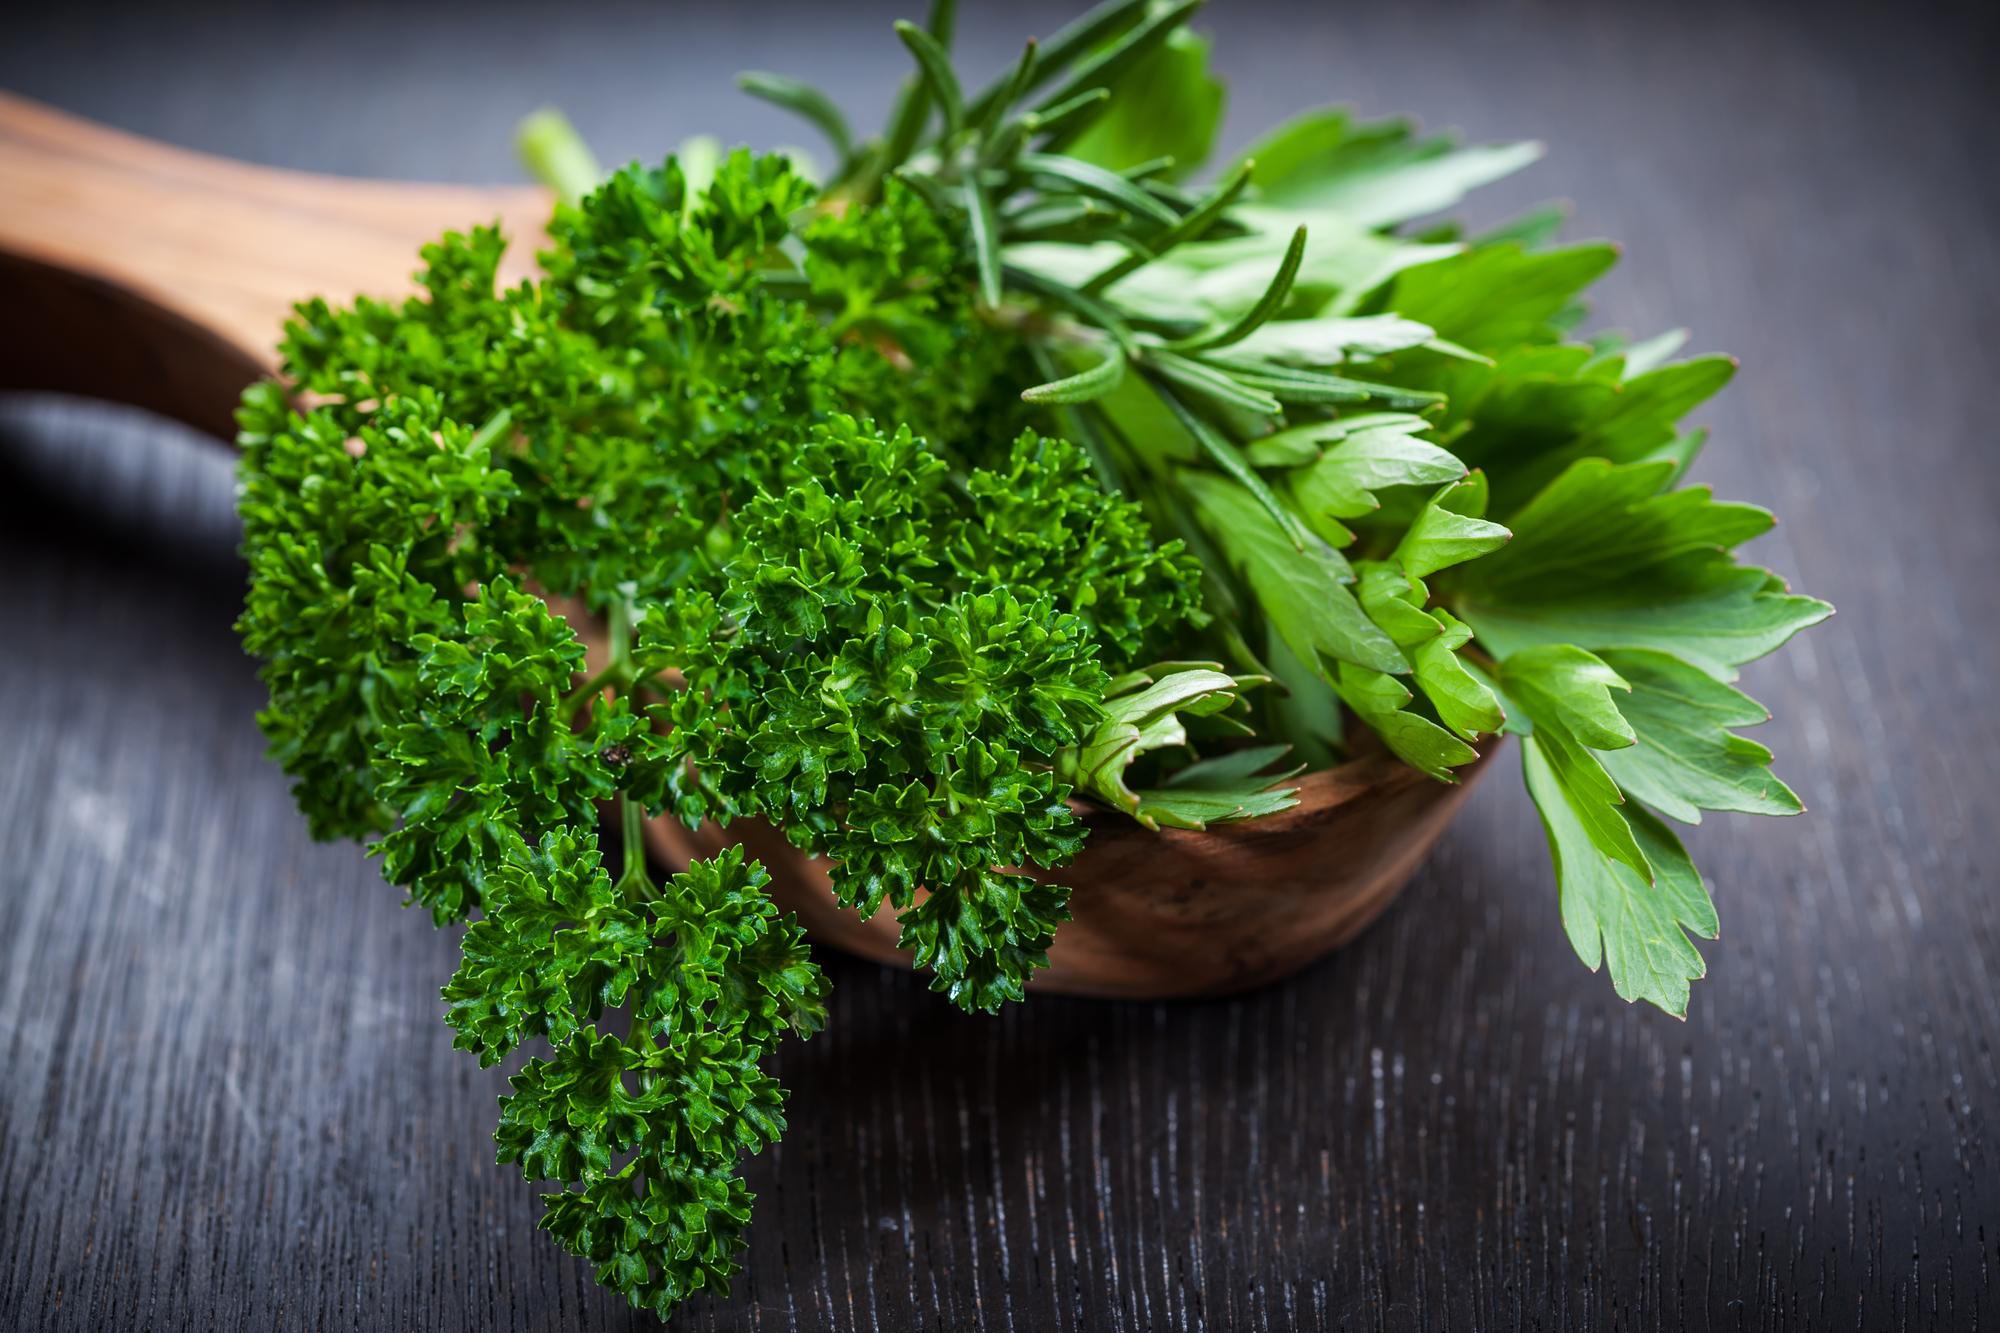 Petersilie: 5 Wirkungen, 3 Risiken + Tipps zum Selbstanbau